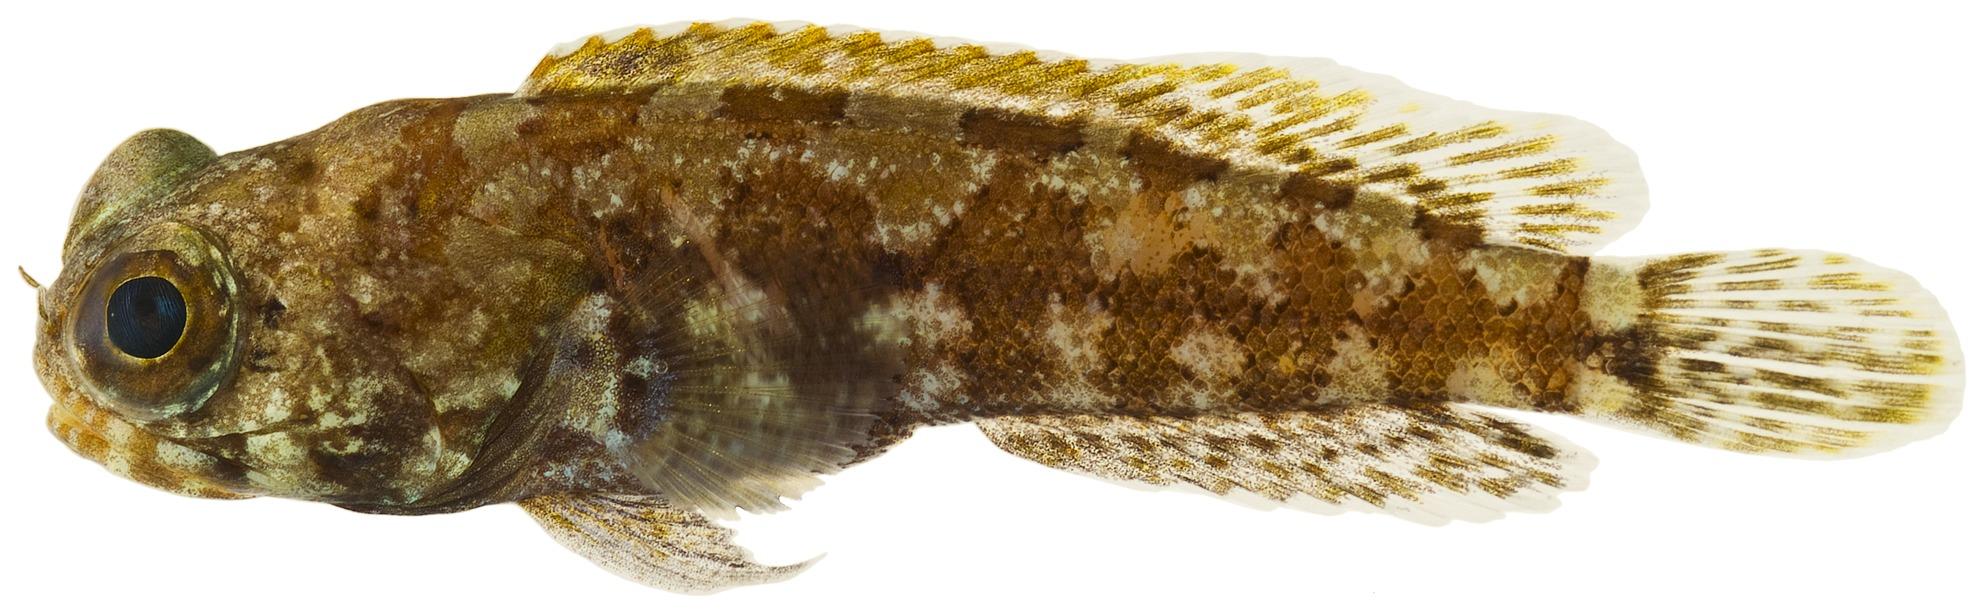 Image of Dusky Jawfish